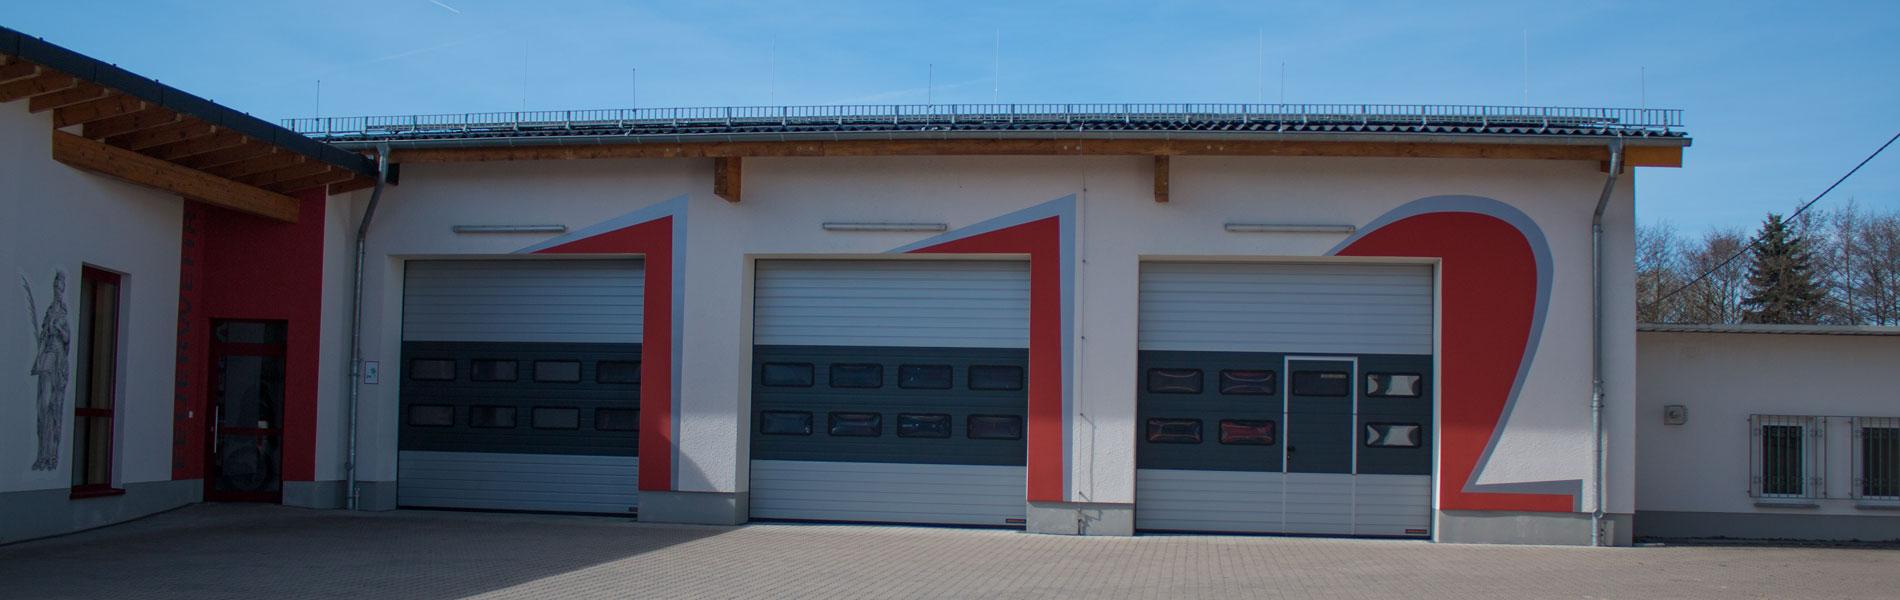 Feuerwehr-Buchholz_Gerätehaus_VG-Asbach